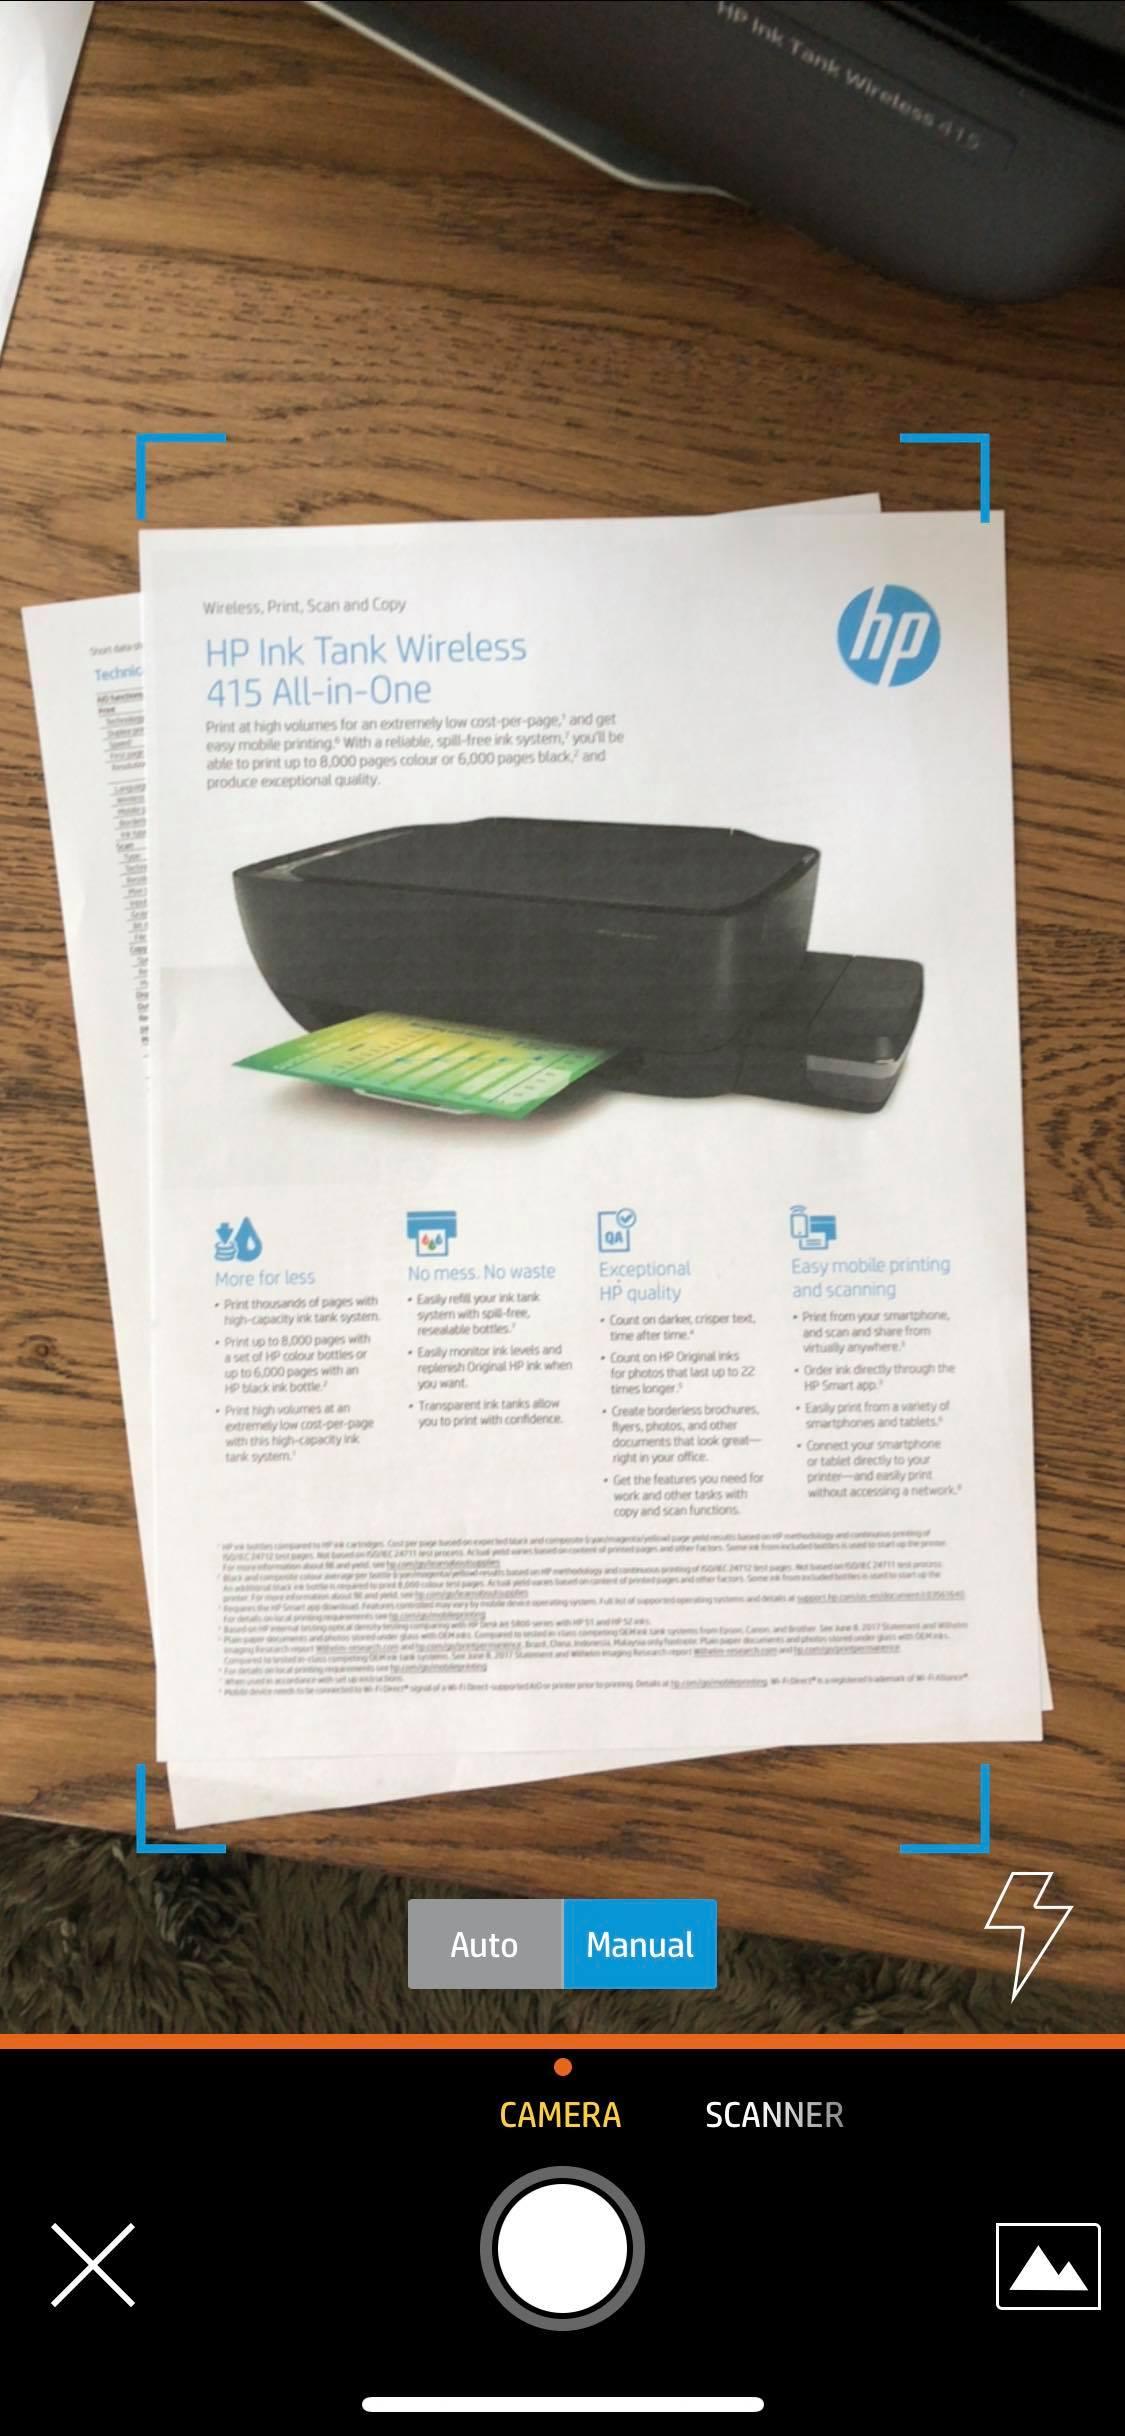 HP Ink Tank Wireless 415 ปริ้นเตอร์แทงค์โรงงาน งบ 5,000 บาท ไร้สายและฟีเจอร์ครบครัน 37 - HP (เอชพี)